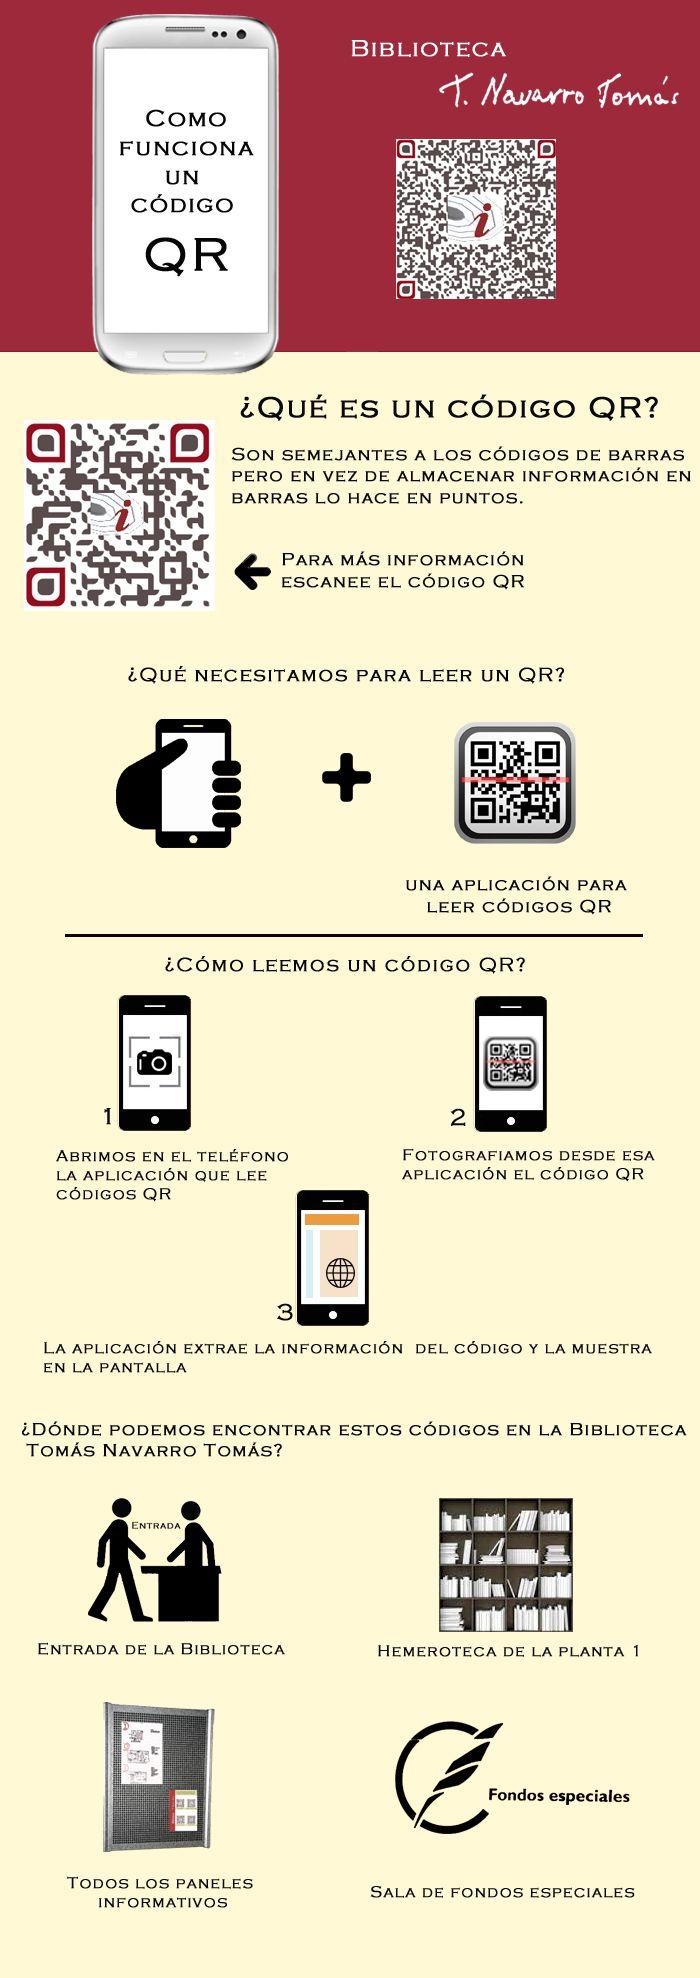 Infografía: Como funciona un código QR.